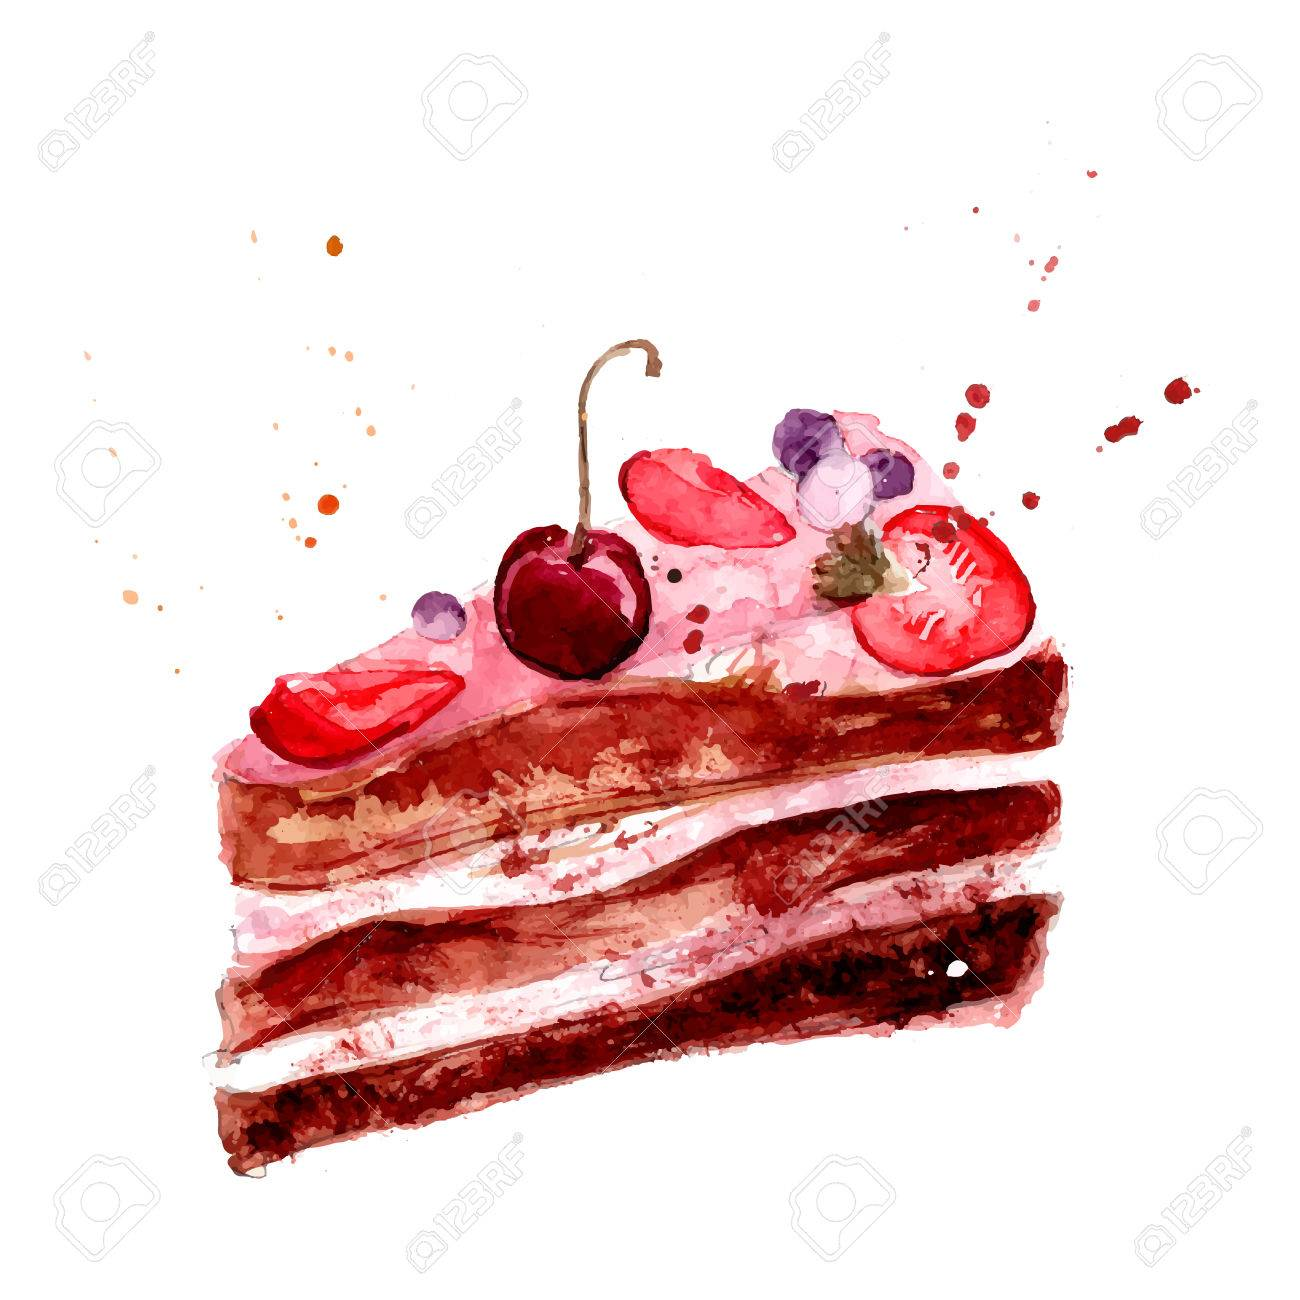 ピンクのフルーツ クリームチェリーとイチゴのケーキベクトル